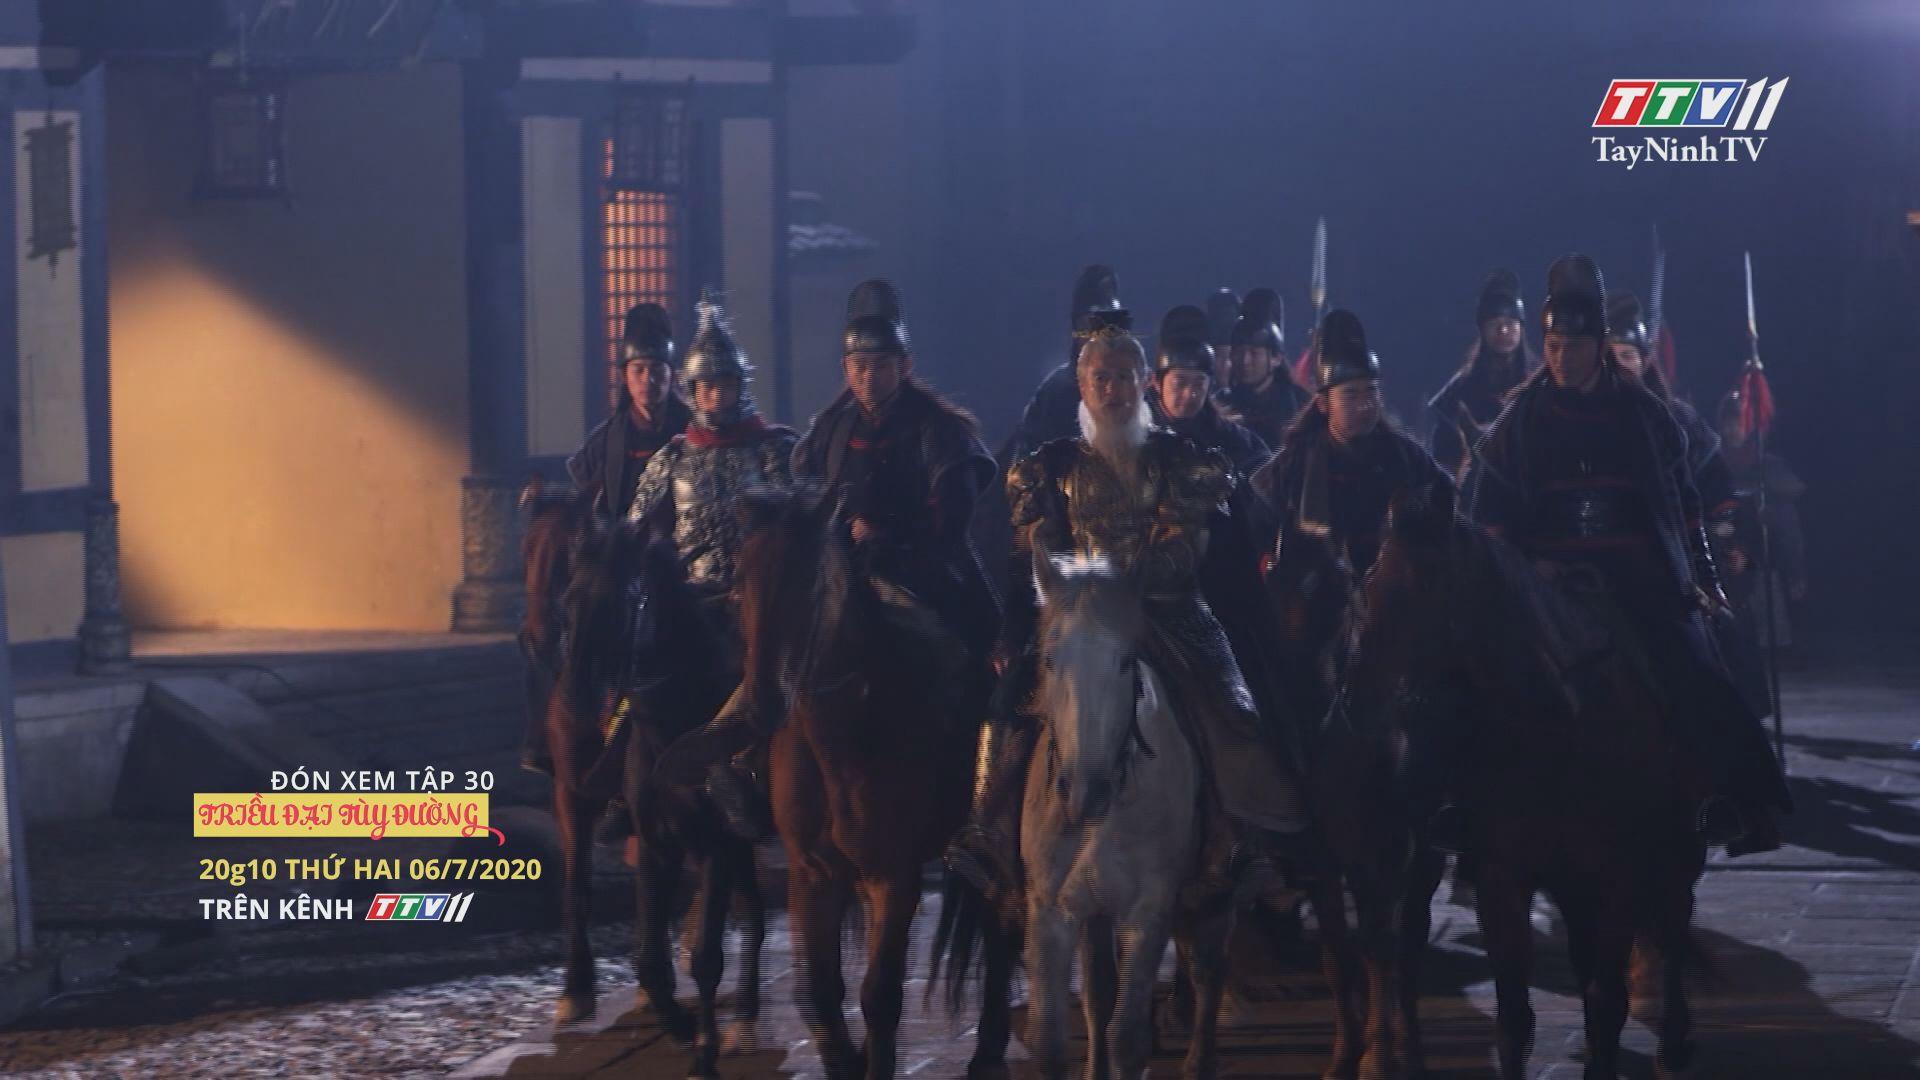 Triều đại Tùy Đường - TẬP 30 trailer | TRIỀU ĐẠI TÙY ĐƯỜNG | TayNinhTV